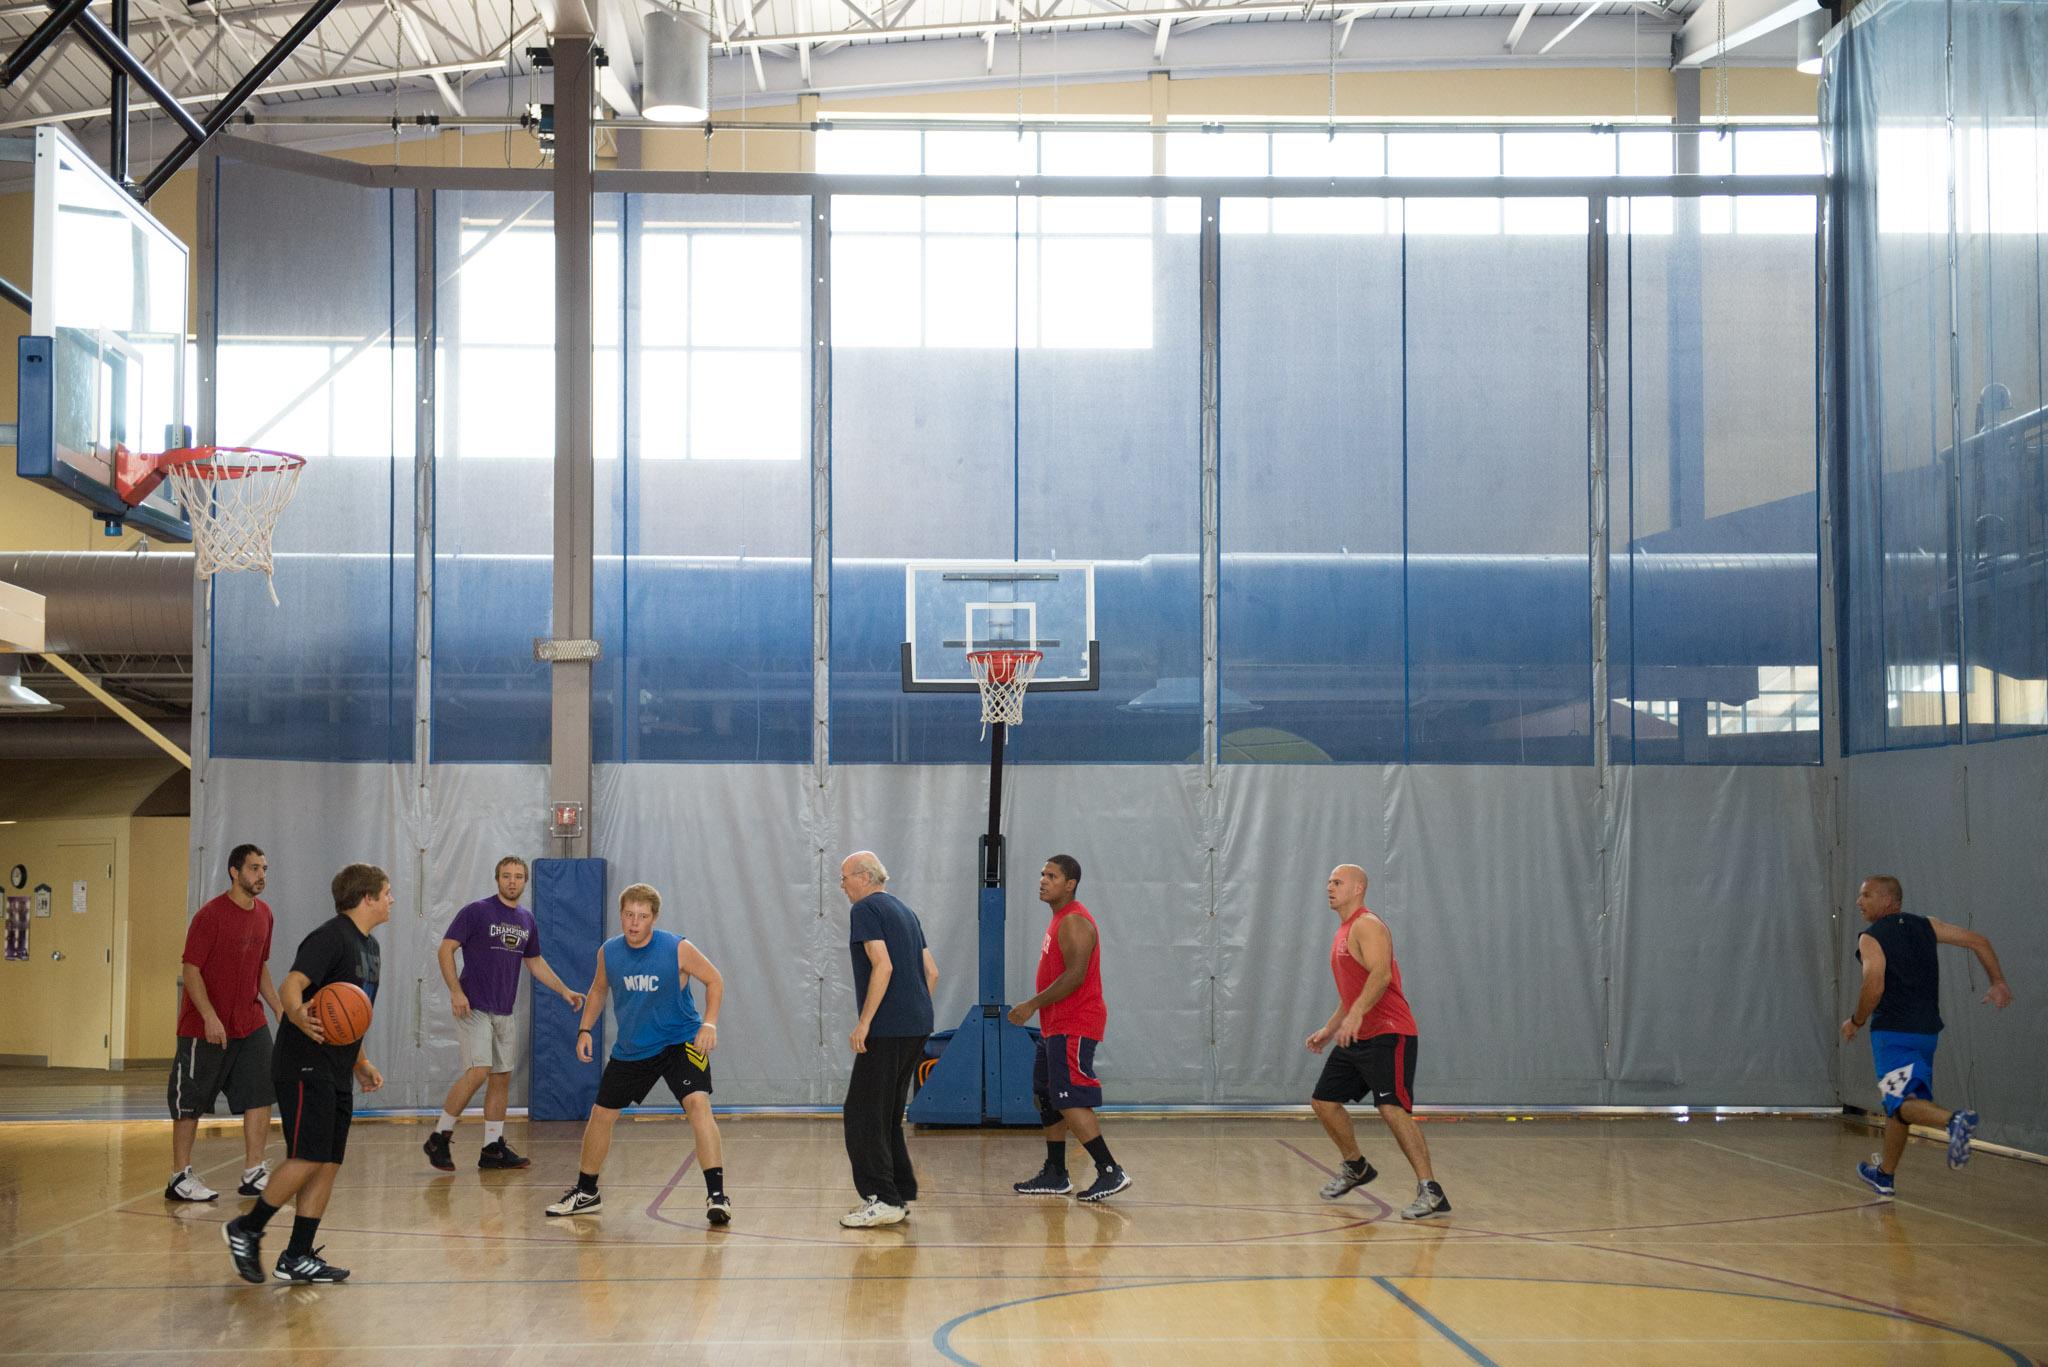 Wellness Center Stock Photos-1465.jpg